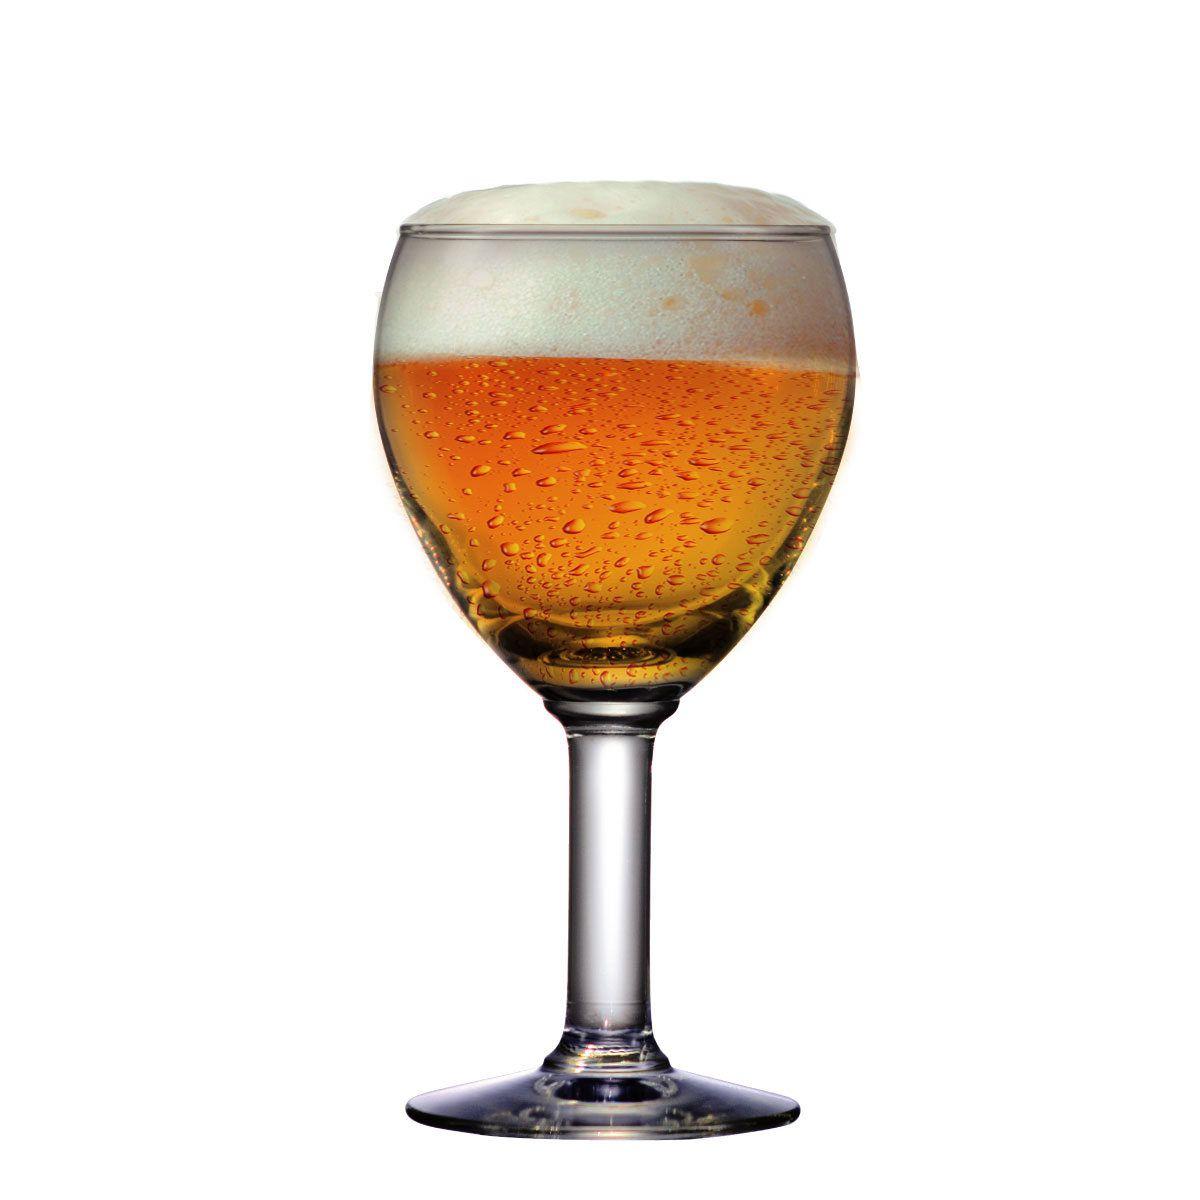 Taca de Cerveja Vidro Abadia 550ml